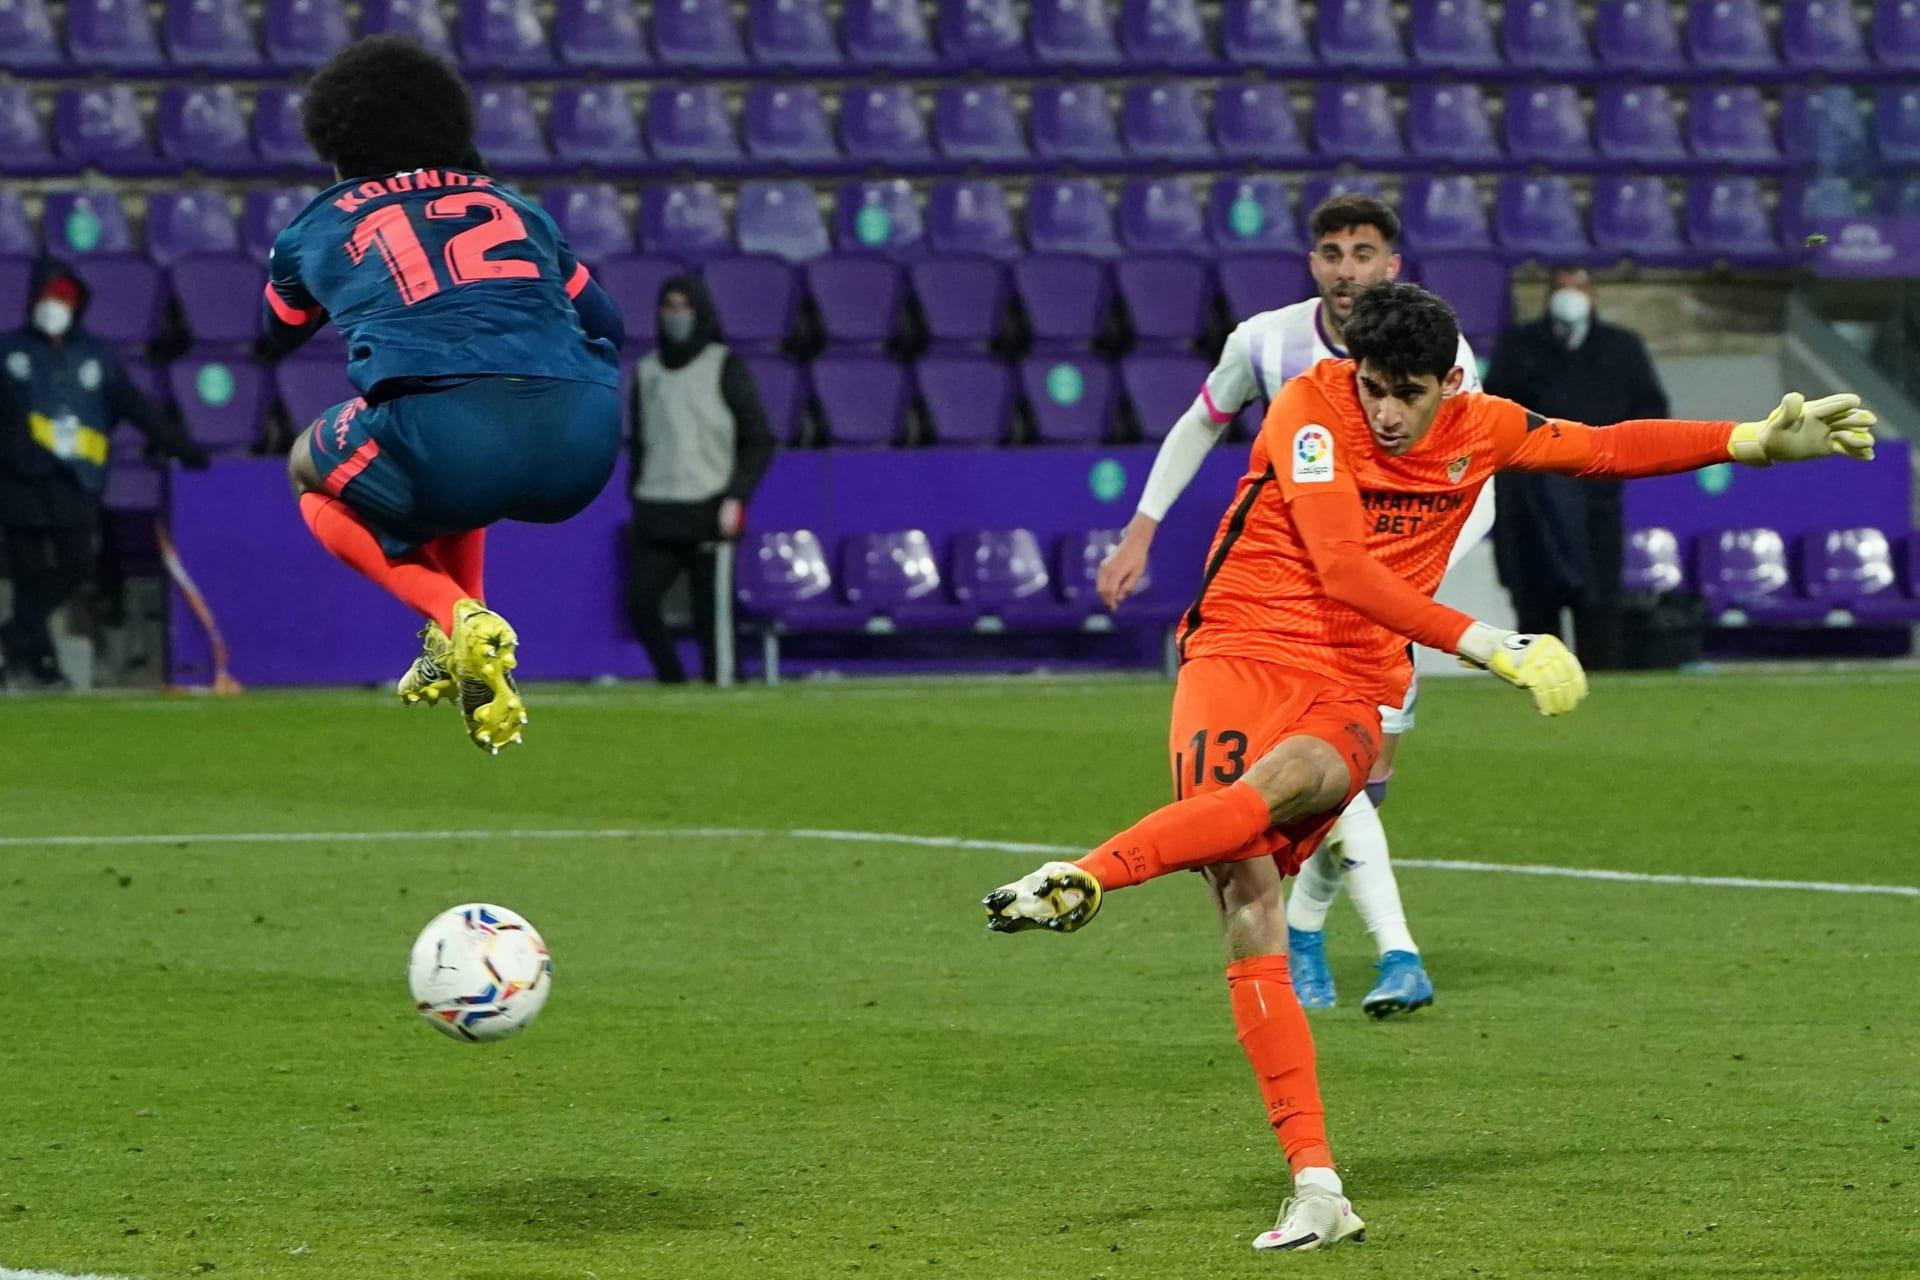 الحارس المغربي ياسين بونو يسجل هدفا قاتلا لفريقه في الدوري الإسباني